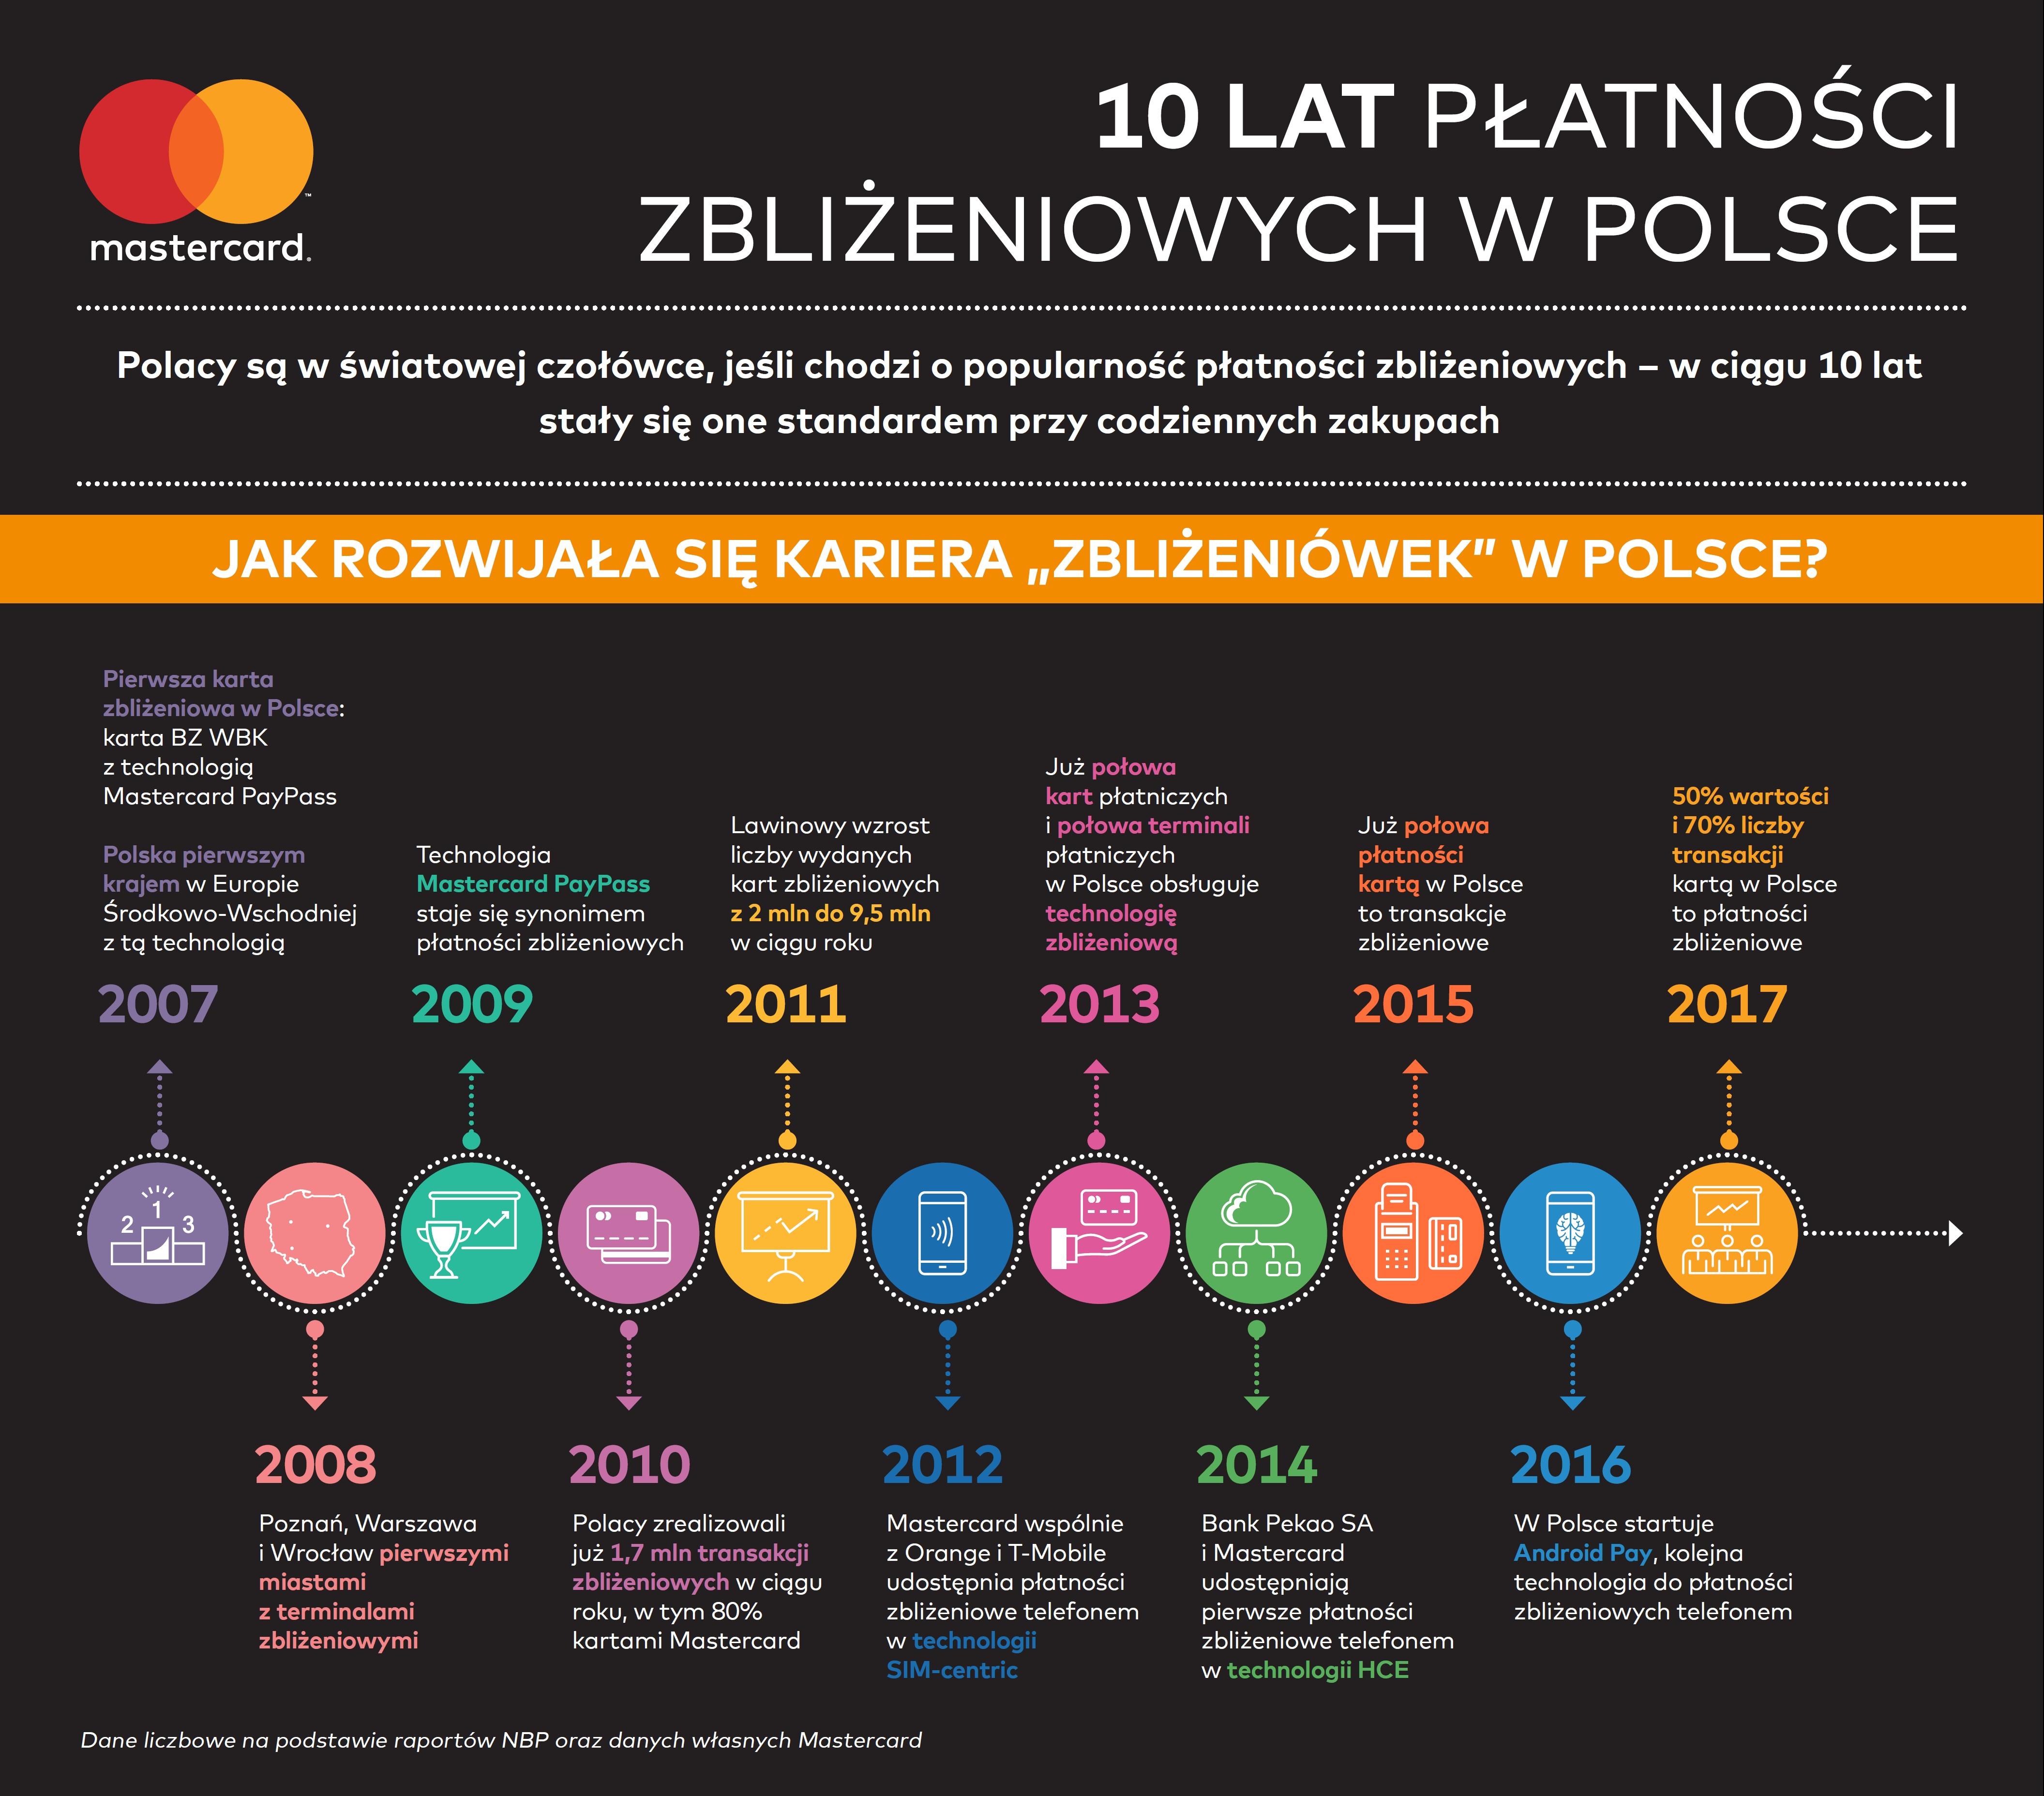 Mastercard_infografika_10 lat płatności zbliżeniowych w Polsce